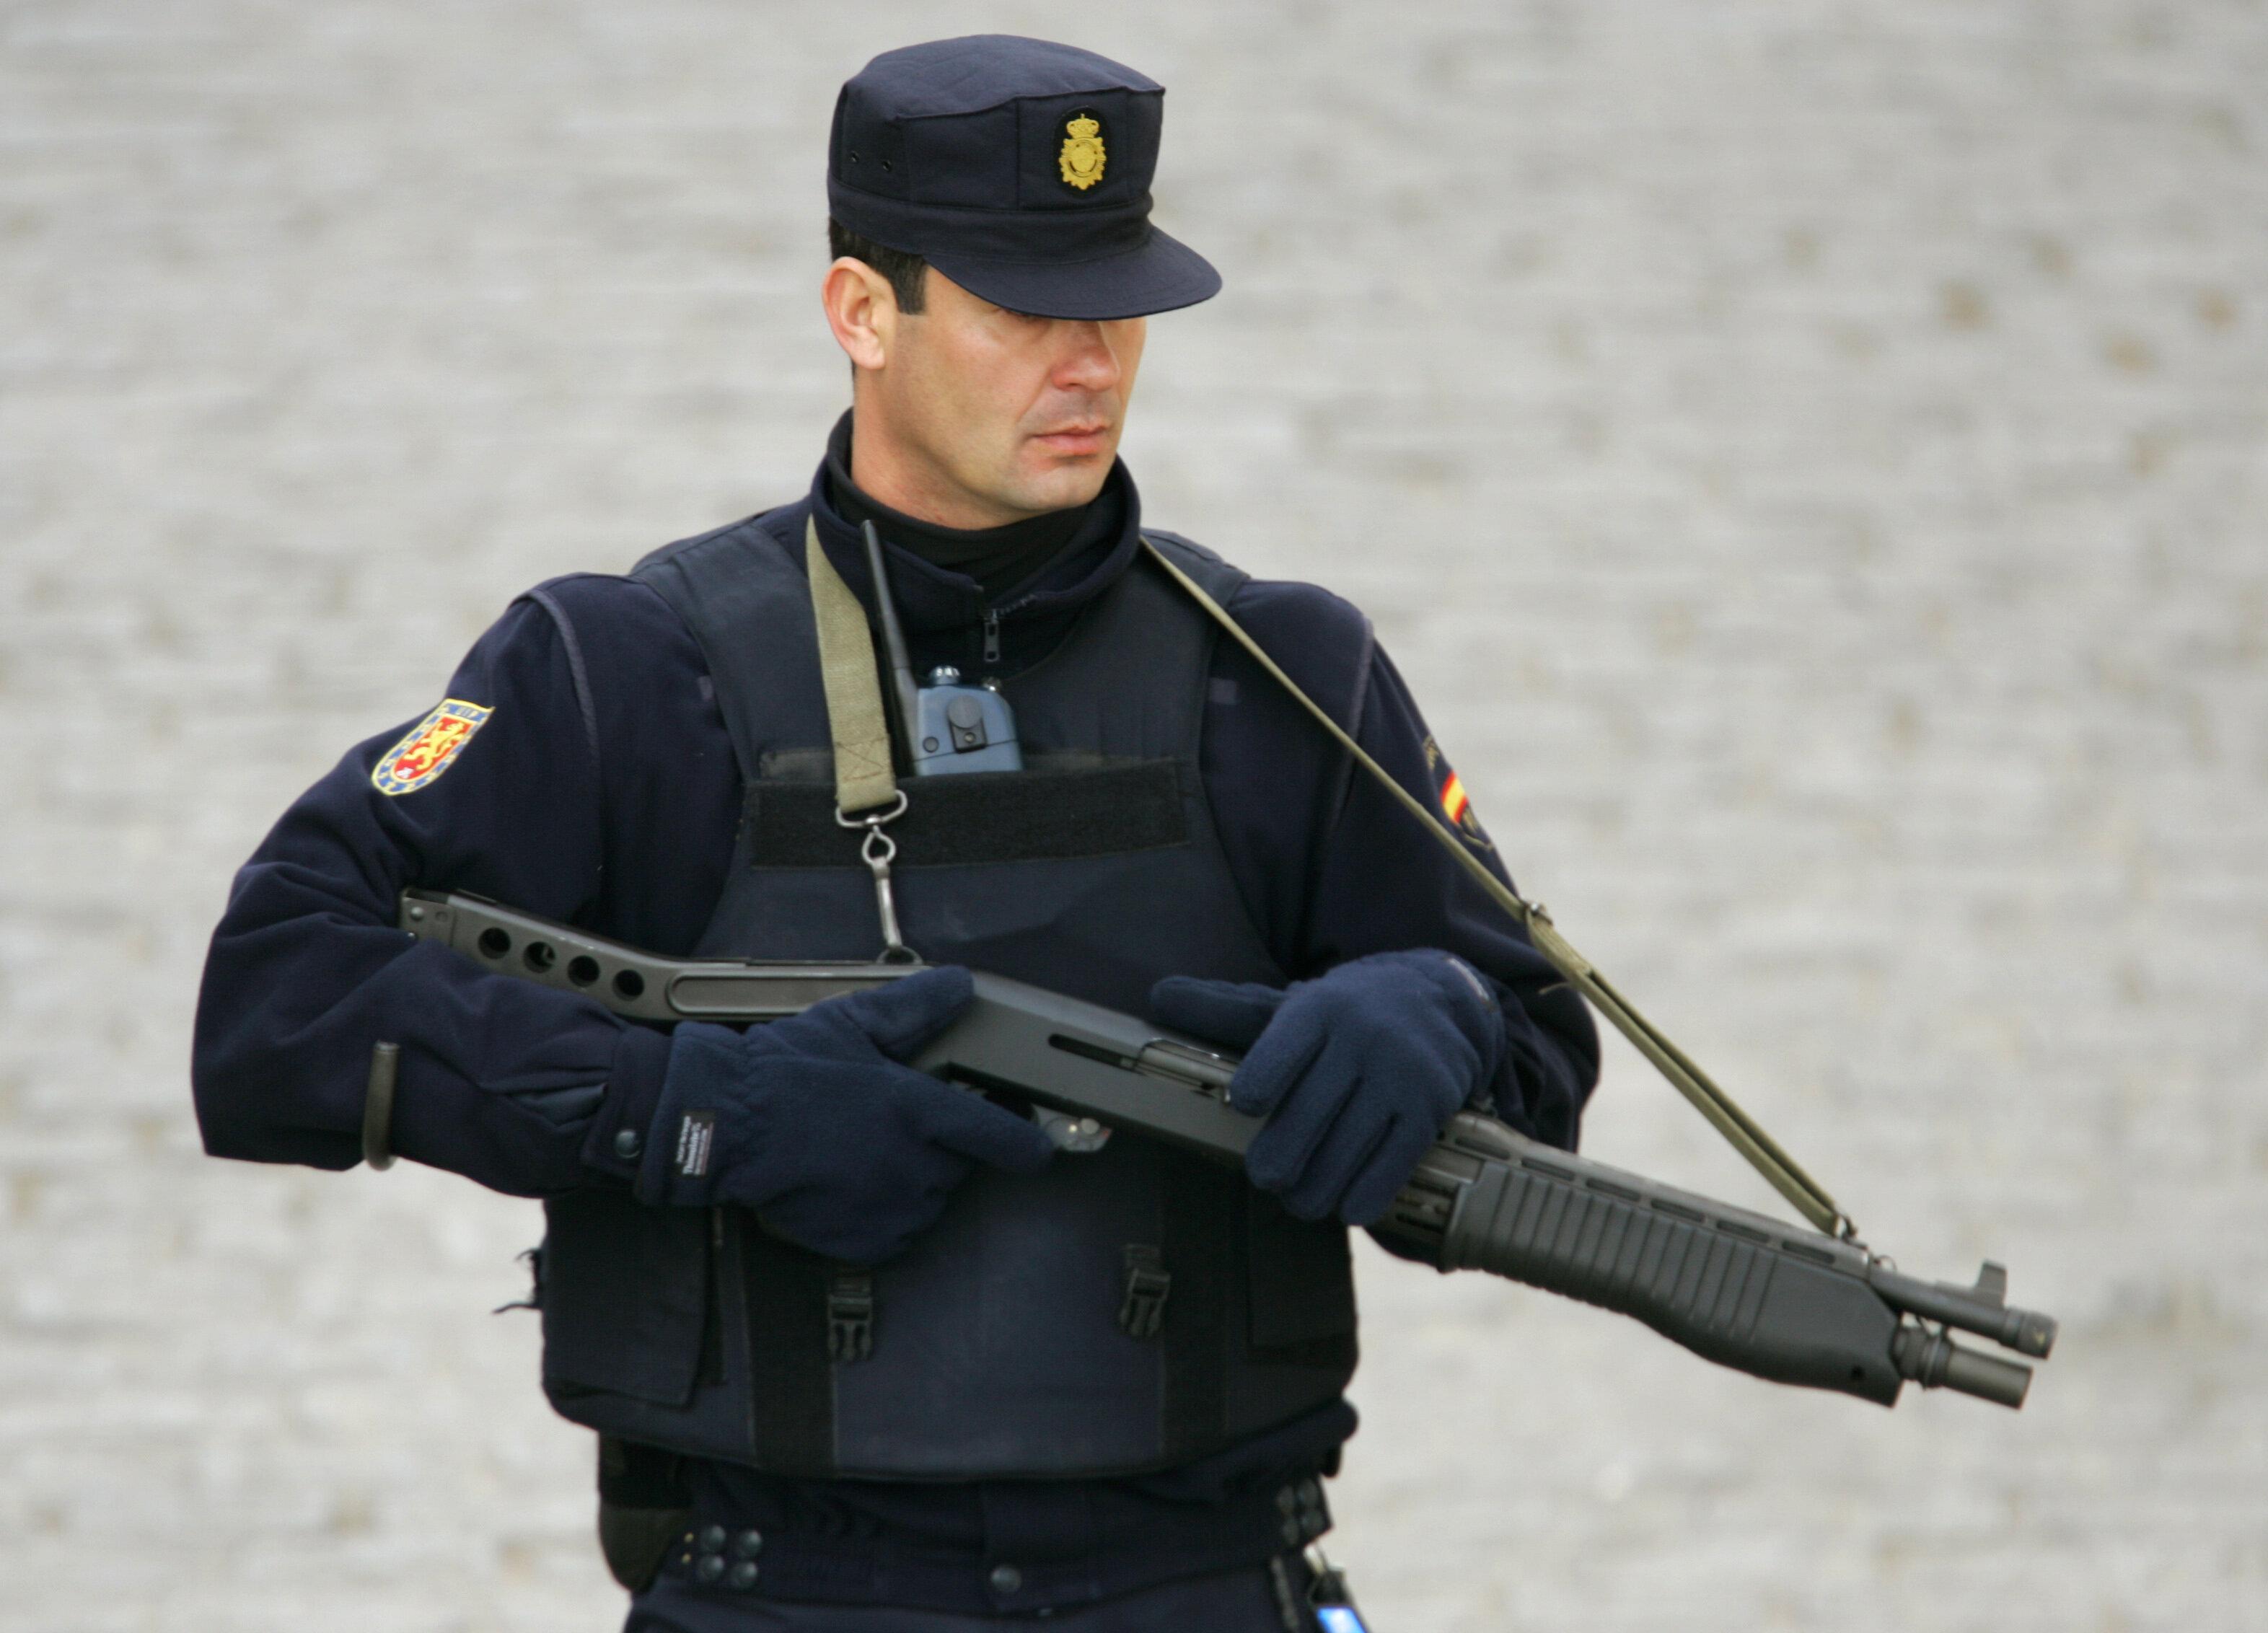 Projet d'attentat à Séville: Un deuxième suspect marocain arrêté puis